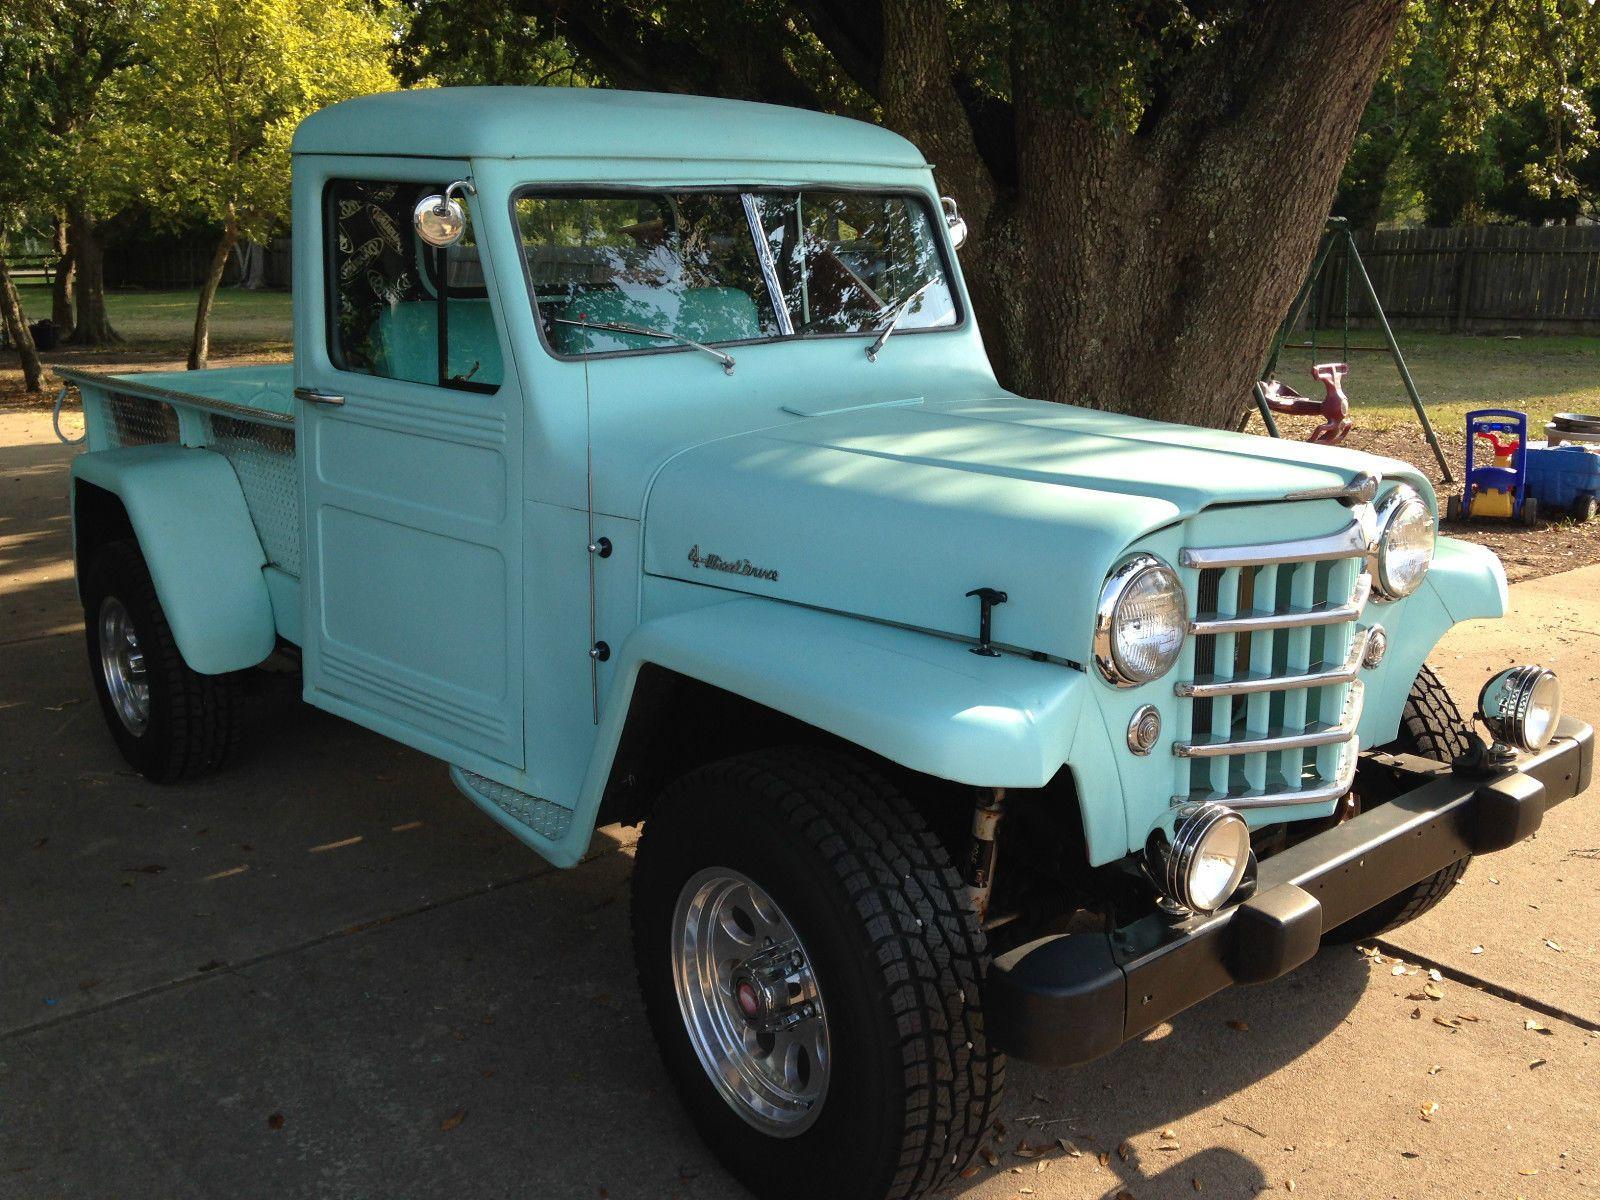 1952 Willys Truck Craigslist   Willys jeep, Dump trucks ...